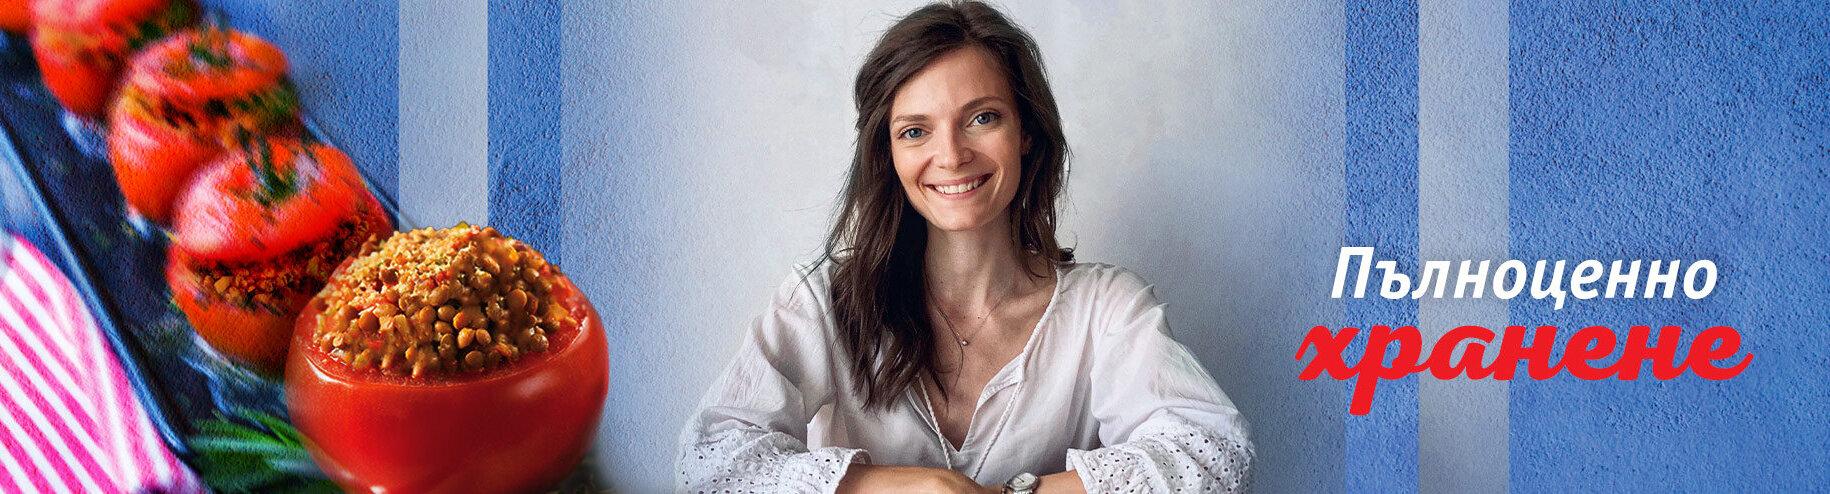 Нора Шопова и нейните правила за здраве и красота чрез пълноценно хранене